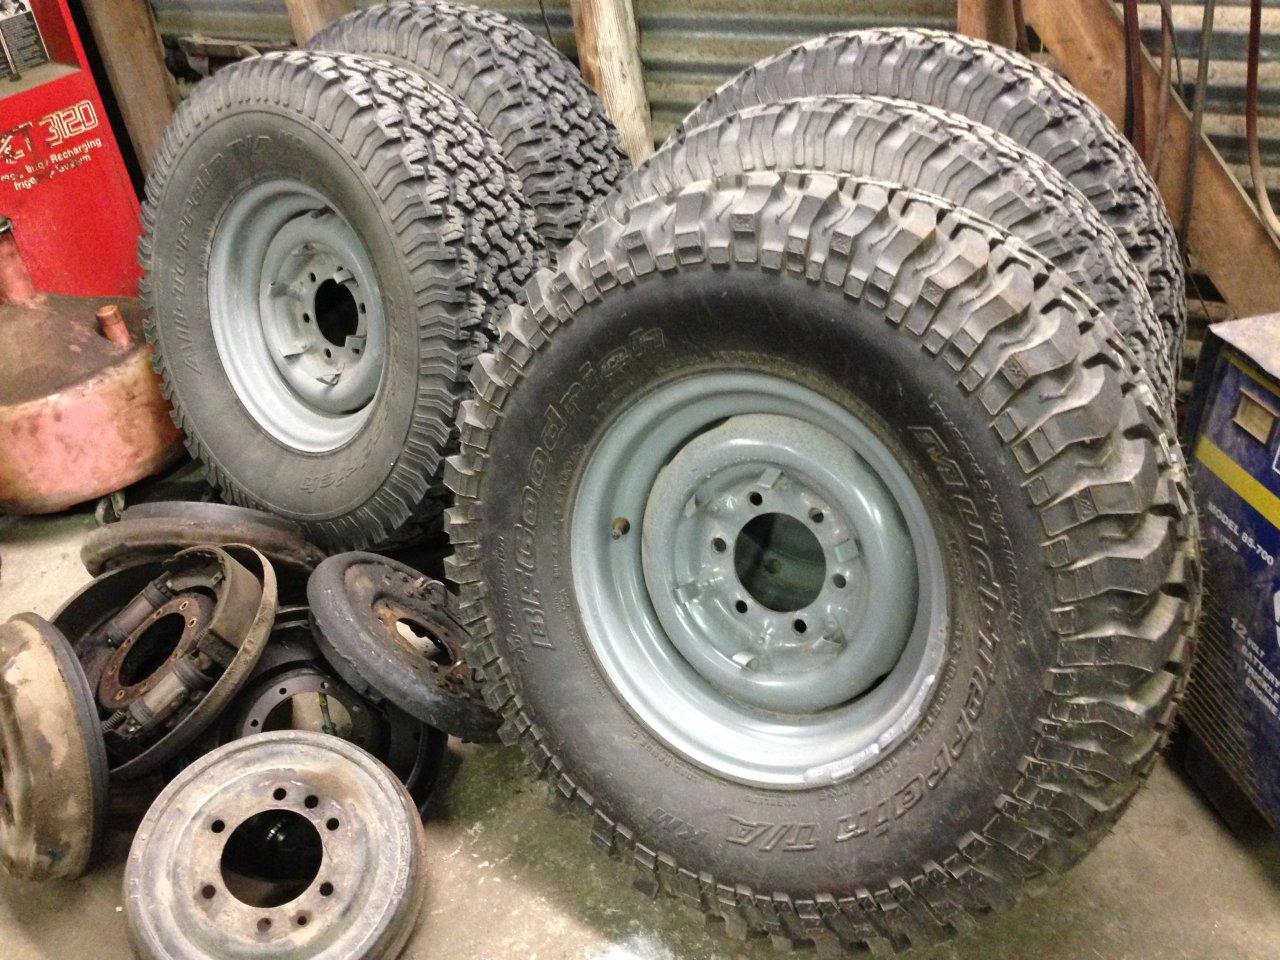 5 Fj40 Oem Steel Rims And Bfg Tires Houston Ih8mud Forum